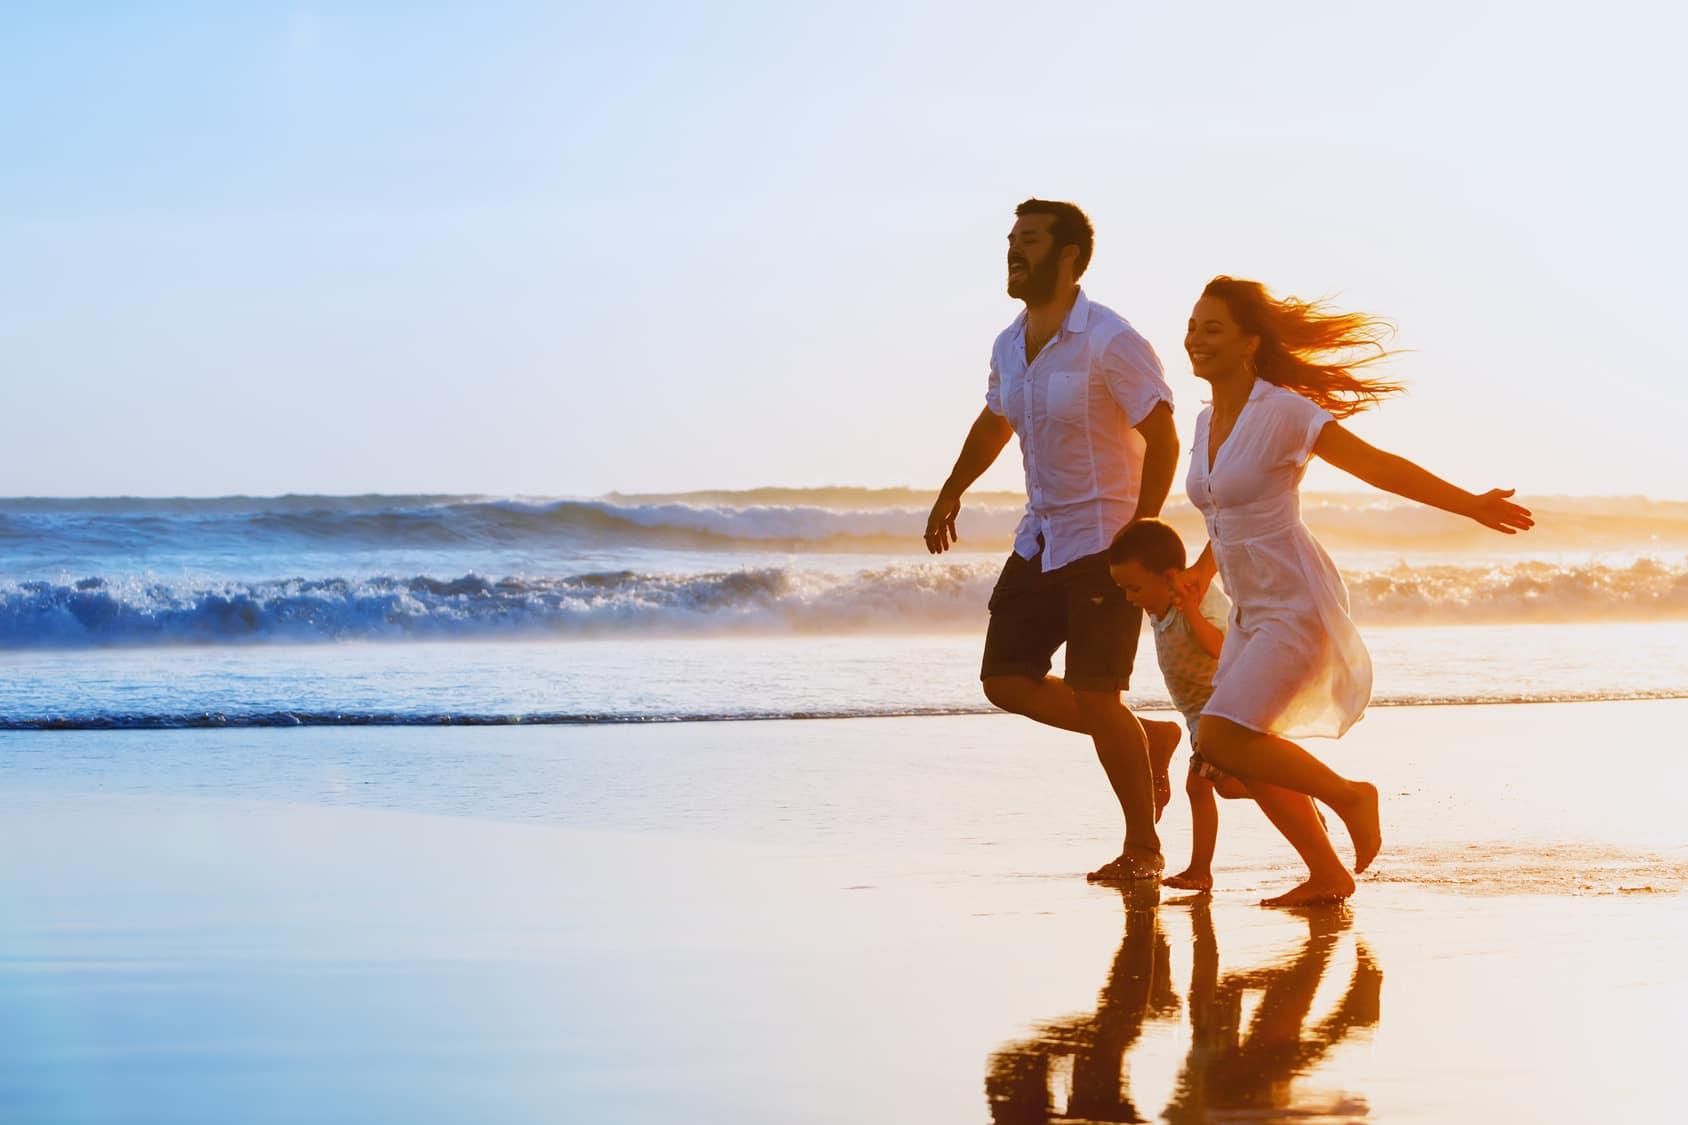 Ein Mann, eine Frau und ein Kind laufen an einem eisamen Strand entlang und machen einen sehr glücklichen Eindruck. Das Programm der unibee Institute hat stark geholgen, dass die Familie das Selbstbewusstsein stärken konnte und somit alle in eine positive Zukunft blicken. Der Mann ist bekleidet mit einem weissen Freizeithemd, kurzer schwarzer Hose und Sandalen. Die Frau trägt ein weisses Sommerkleid das im Wind weht. Das Kind rägt ein grünes T-schirt. Im Hintergrund ist das Meer mit einem roten Sonnenuntergang zu sehen.